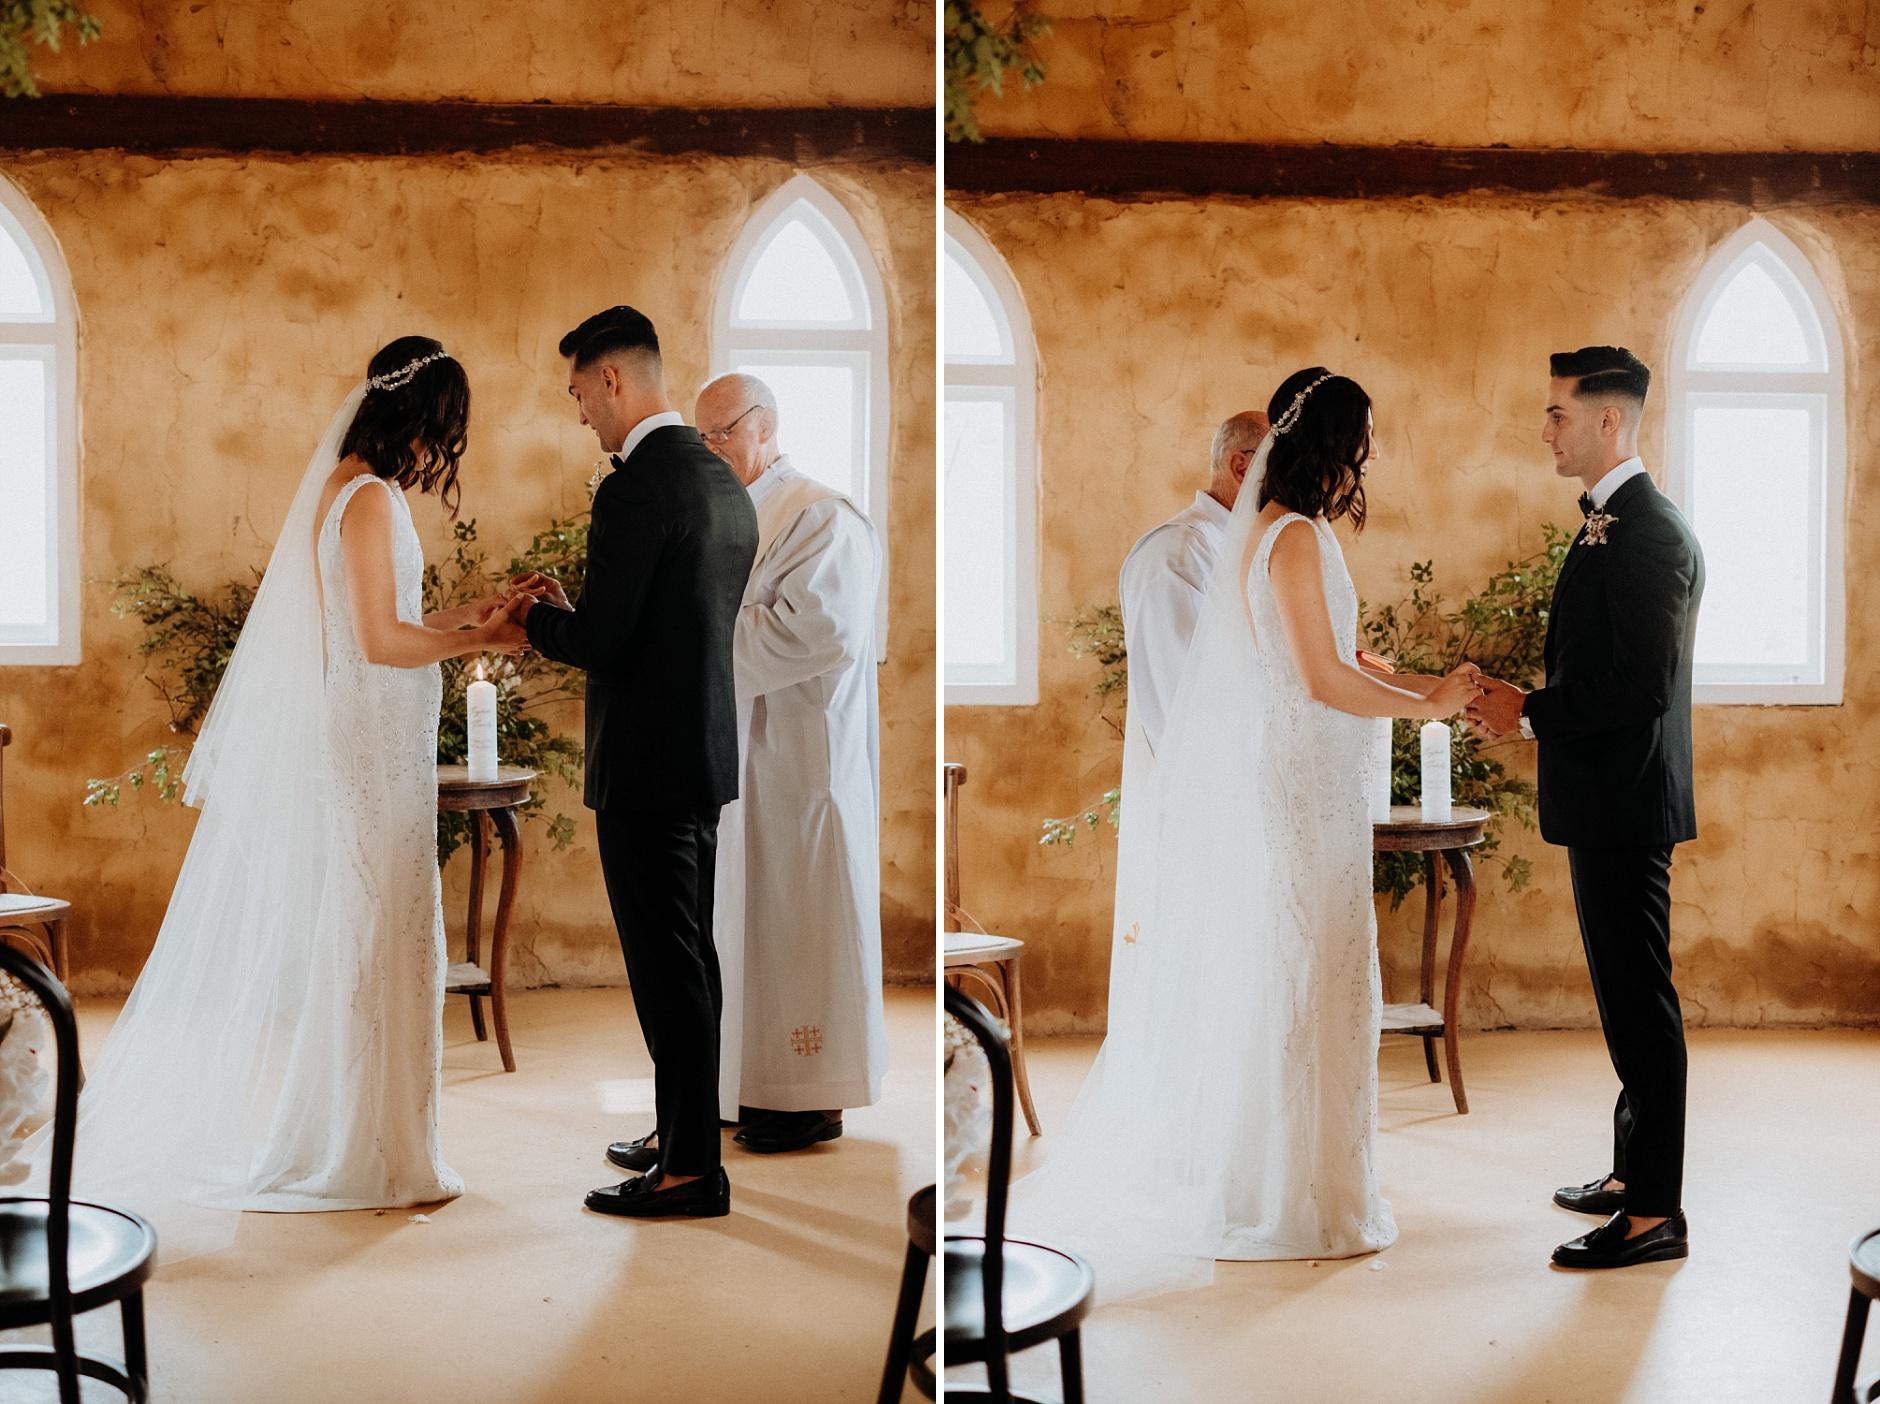 cassandra&cameron0440a_Peppers-Creek-Wedding.jpg